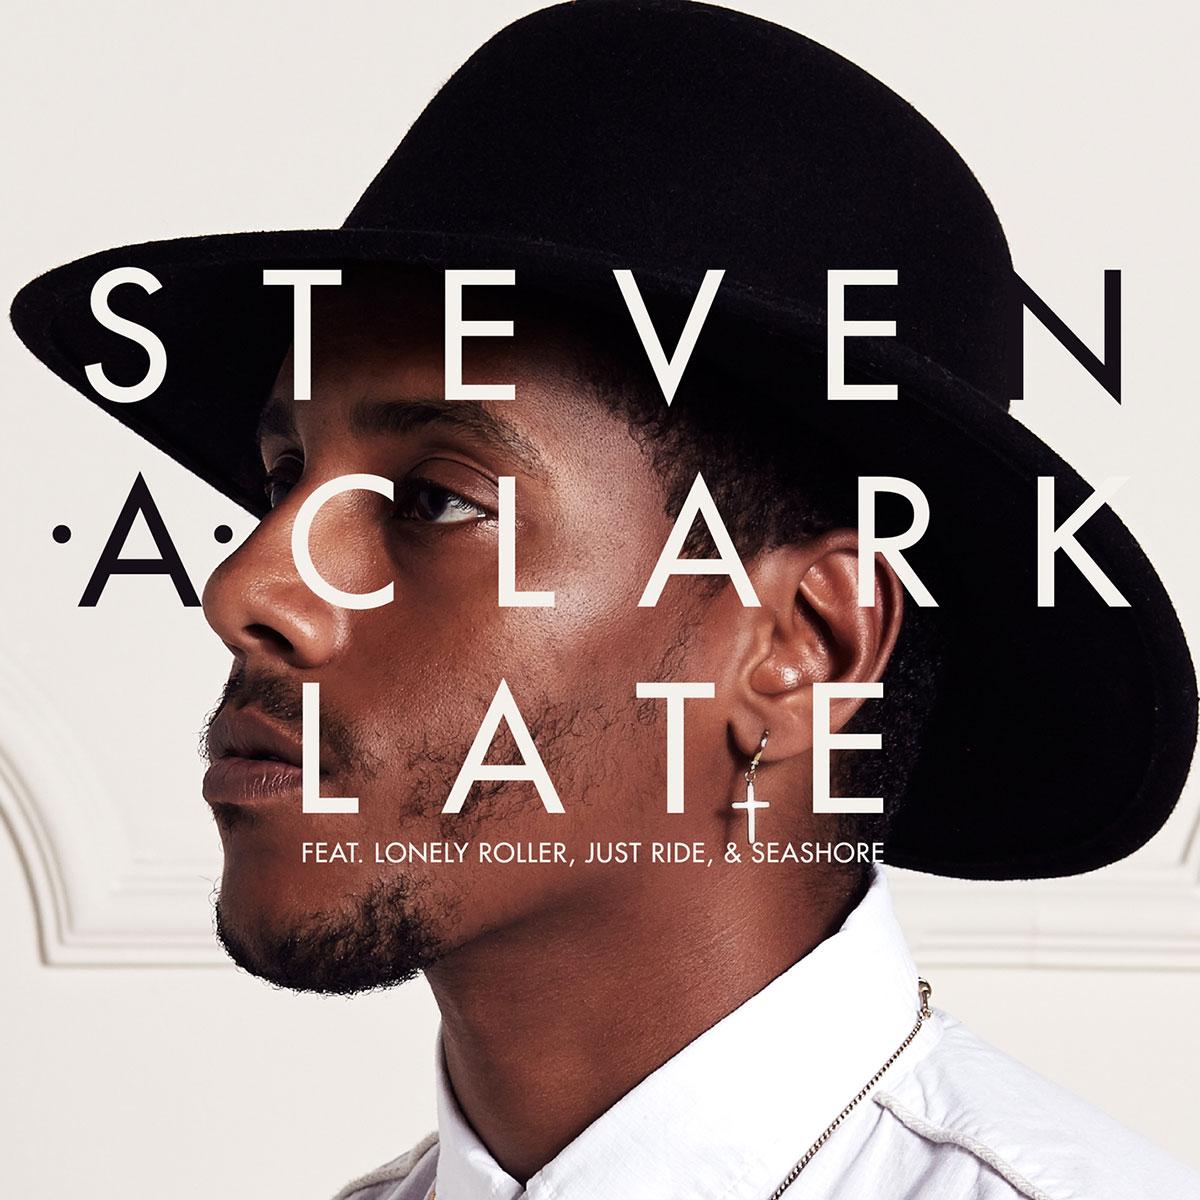 Steven A Clark